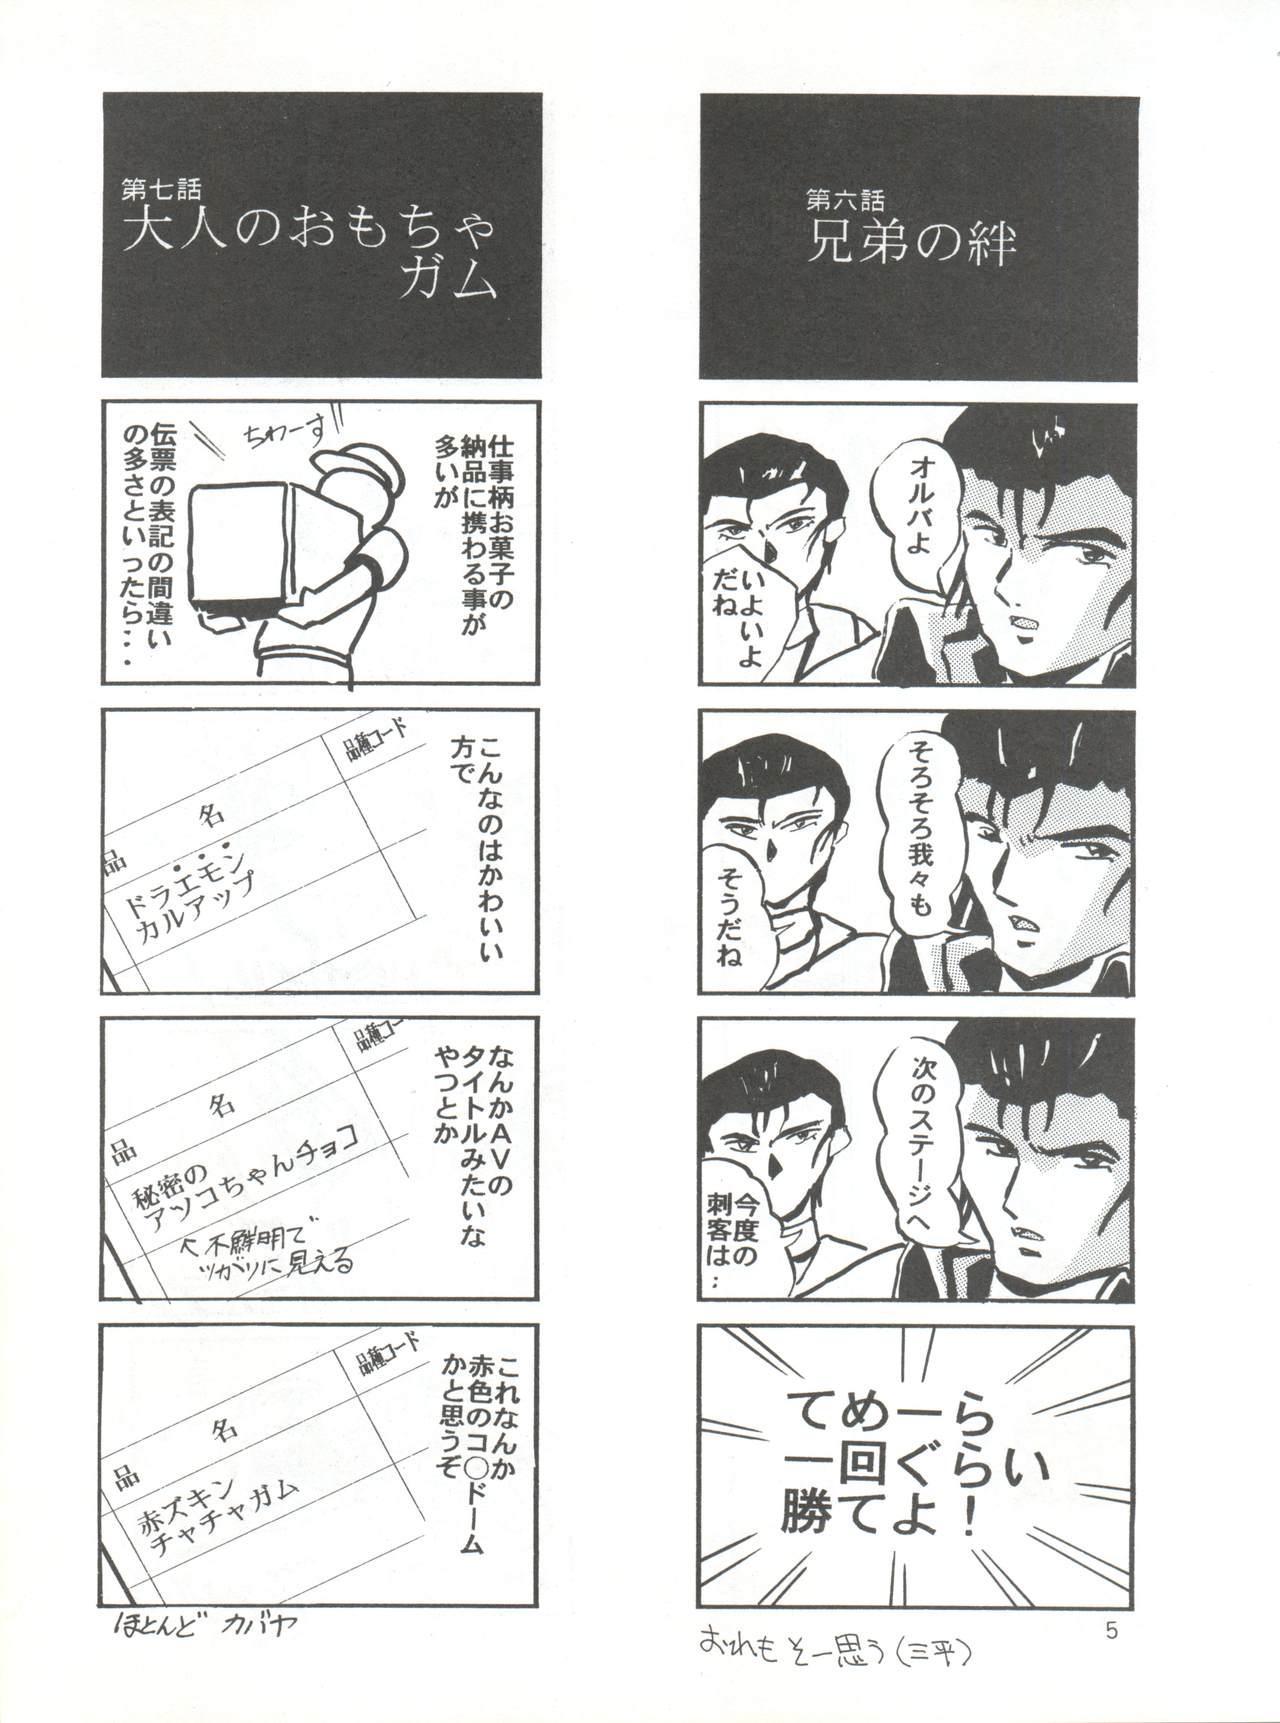 Misao 4